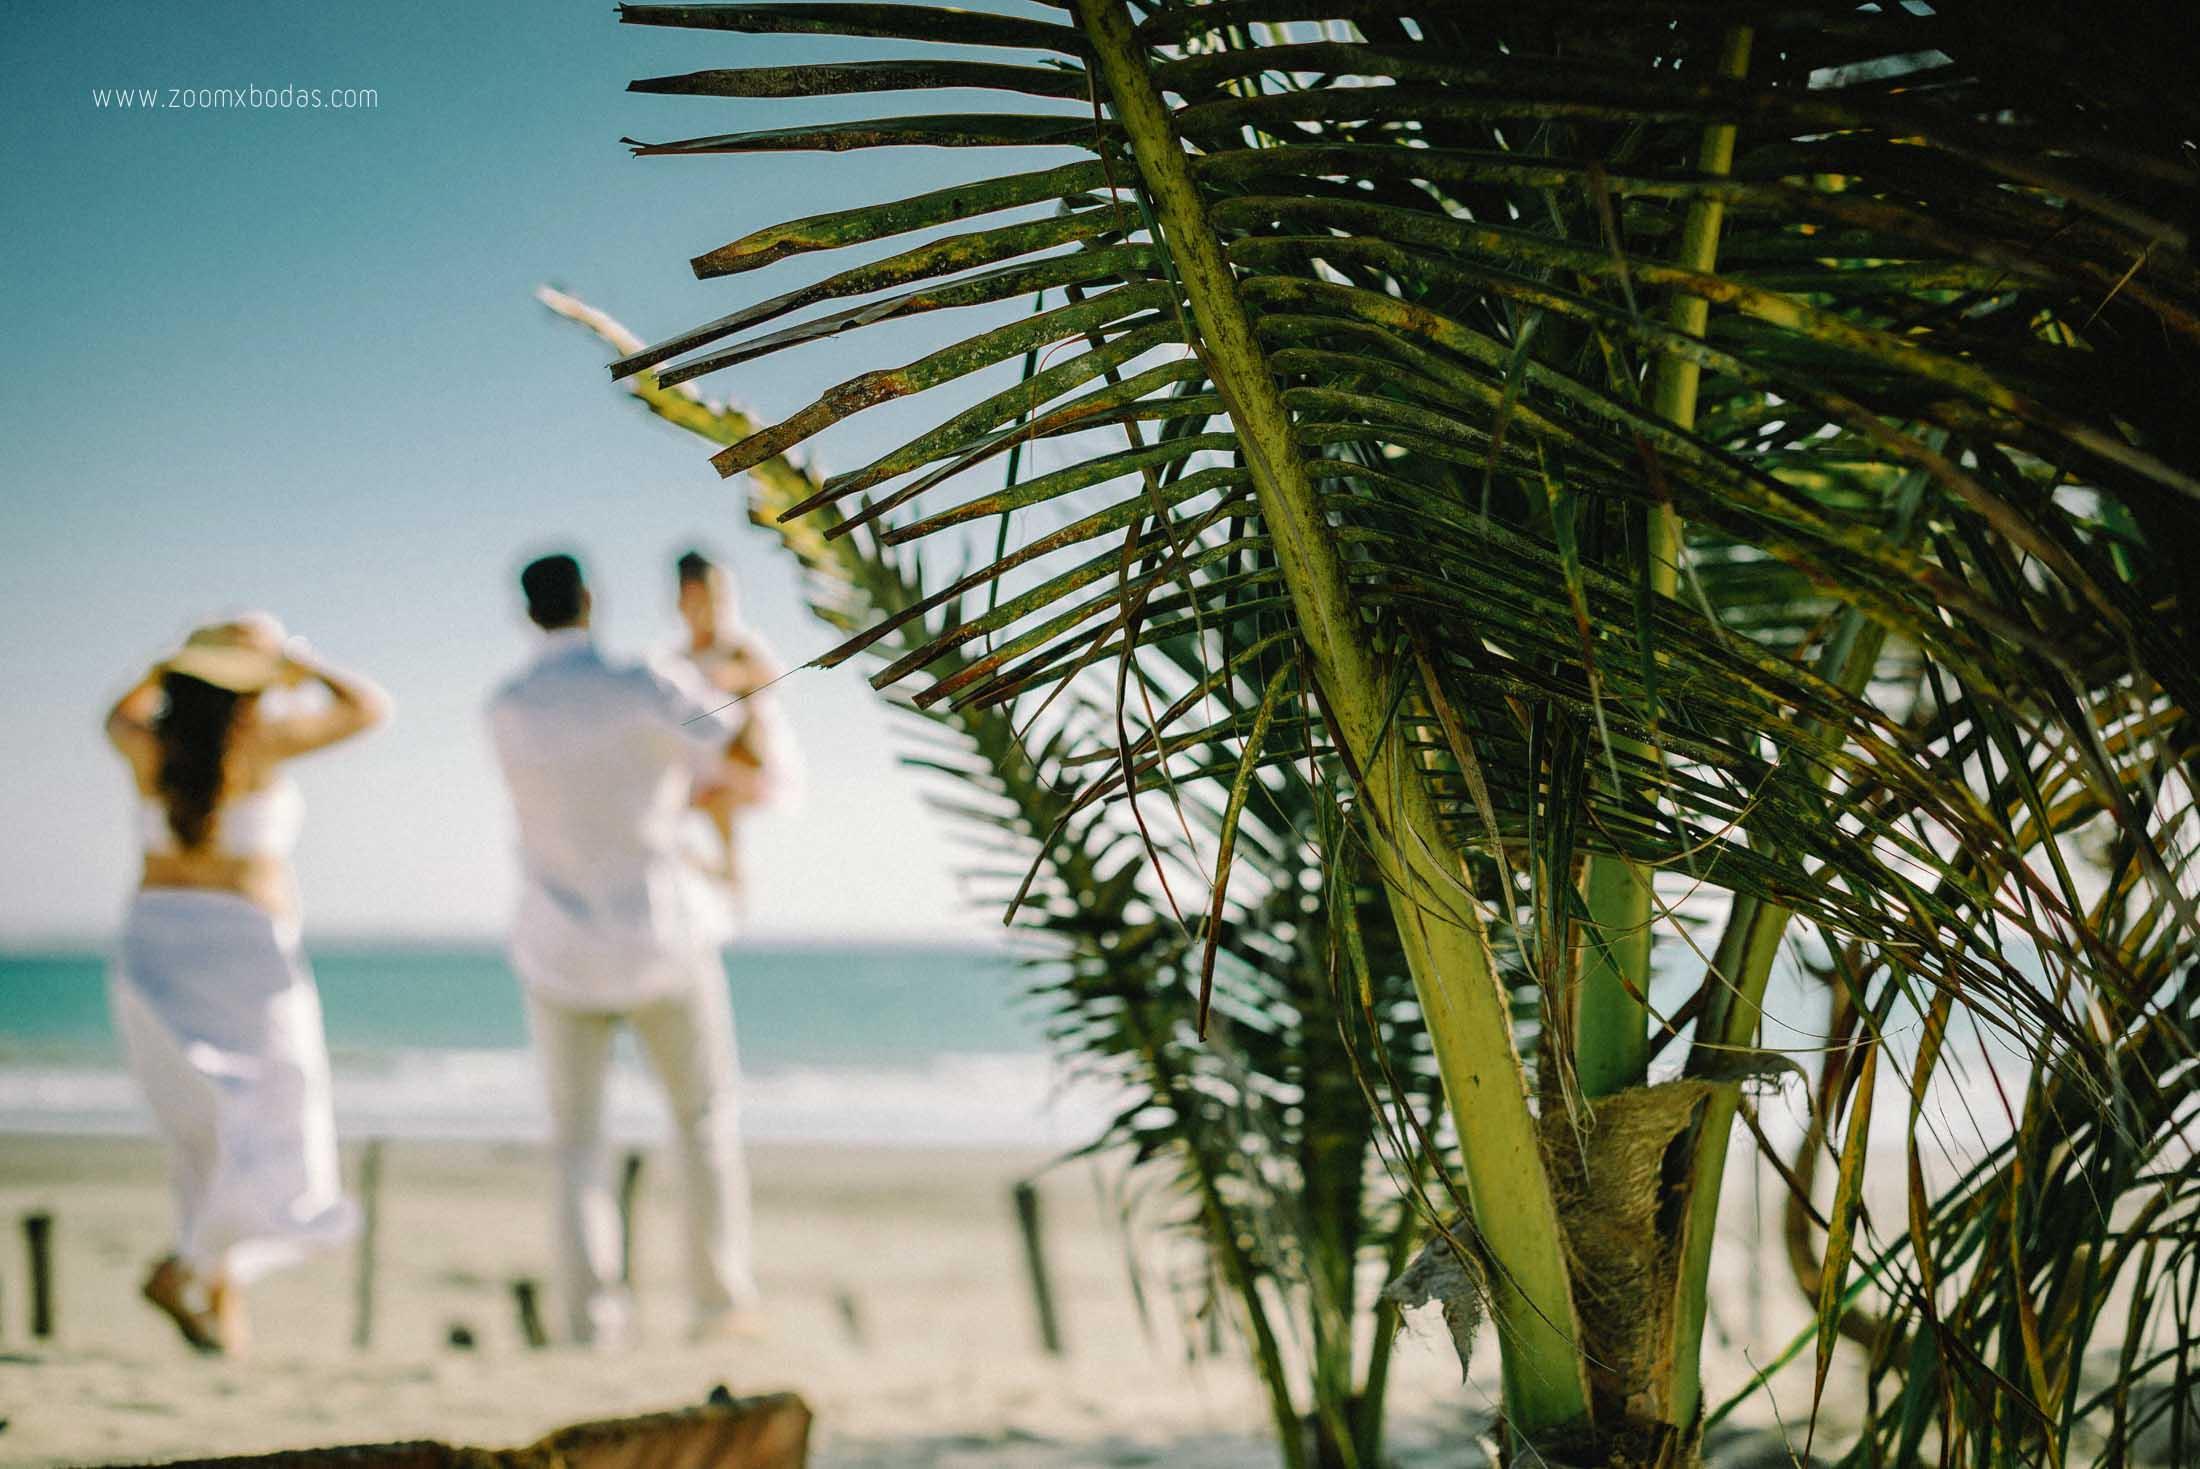 gestante milagros en colan paita, sesion de fotos en playa, sesion en playa, gestante en playa, session maternity, sesion embarazada, zoomx studio, erick ruiz